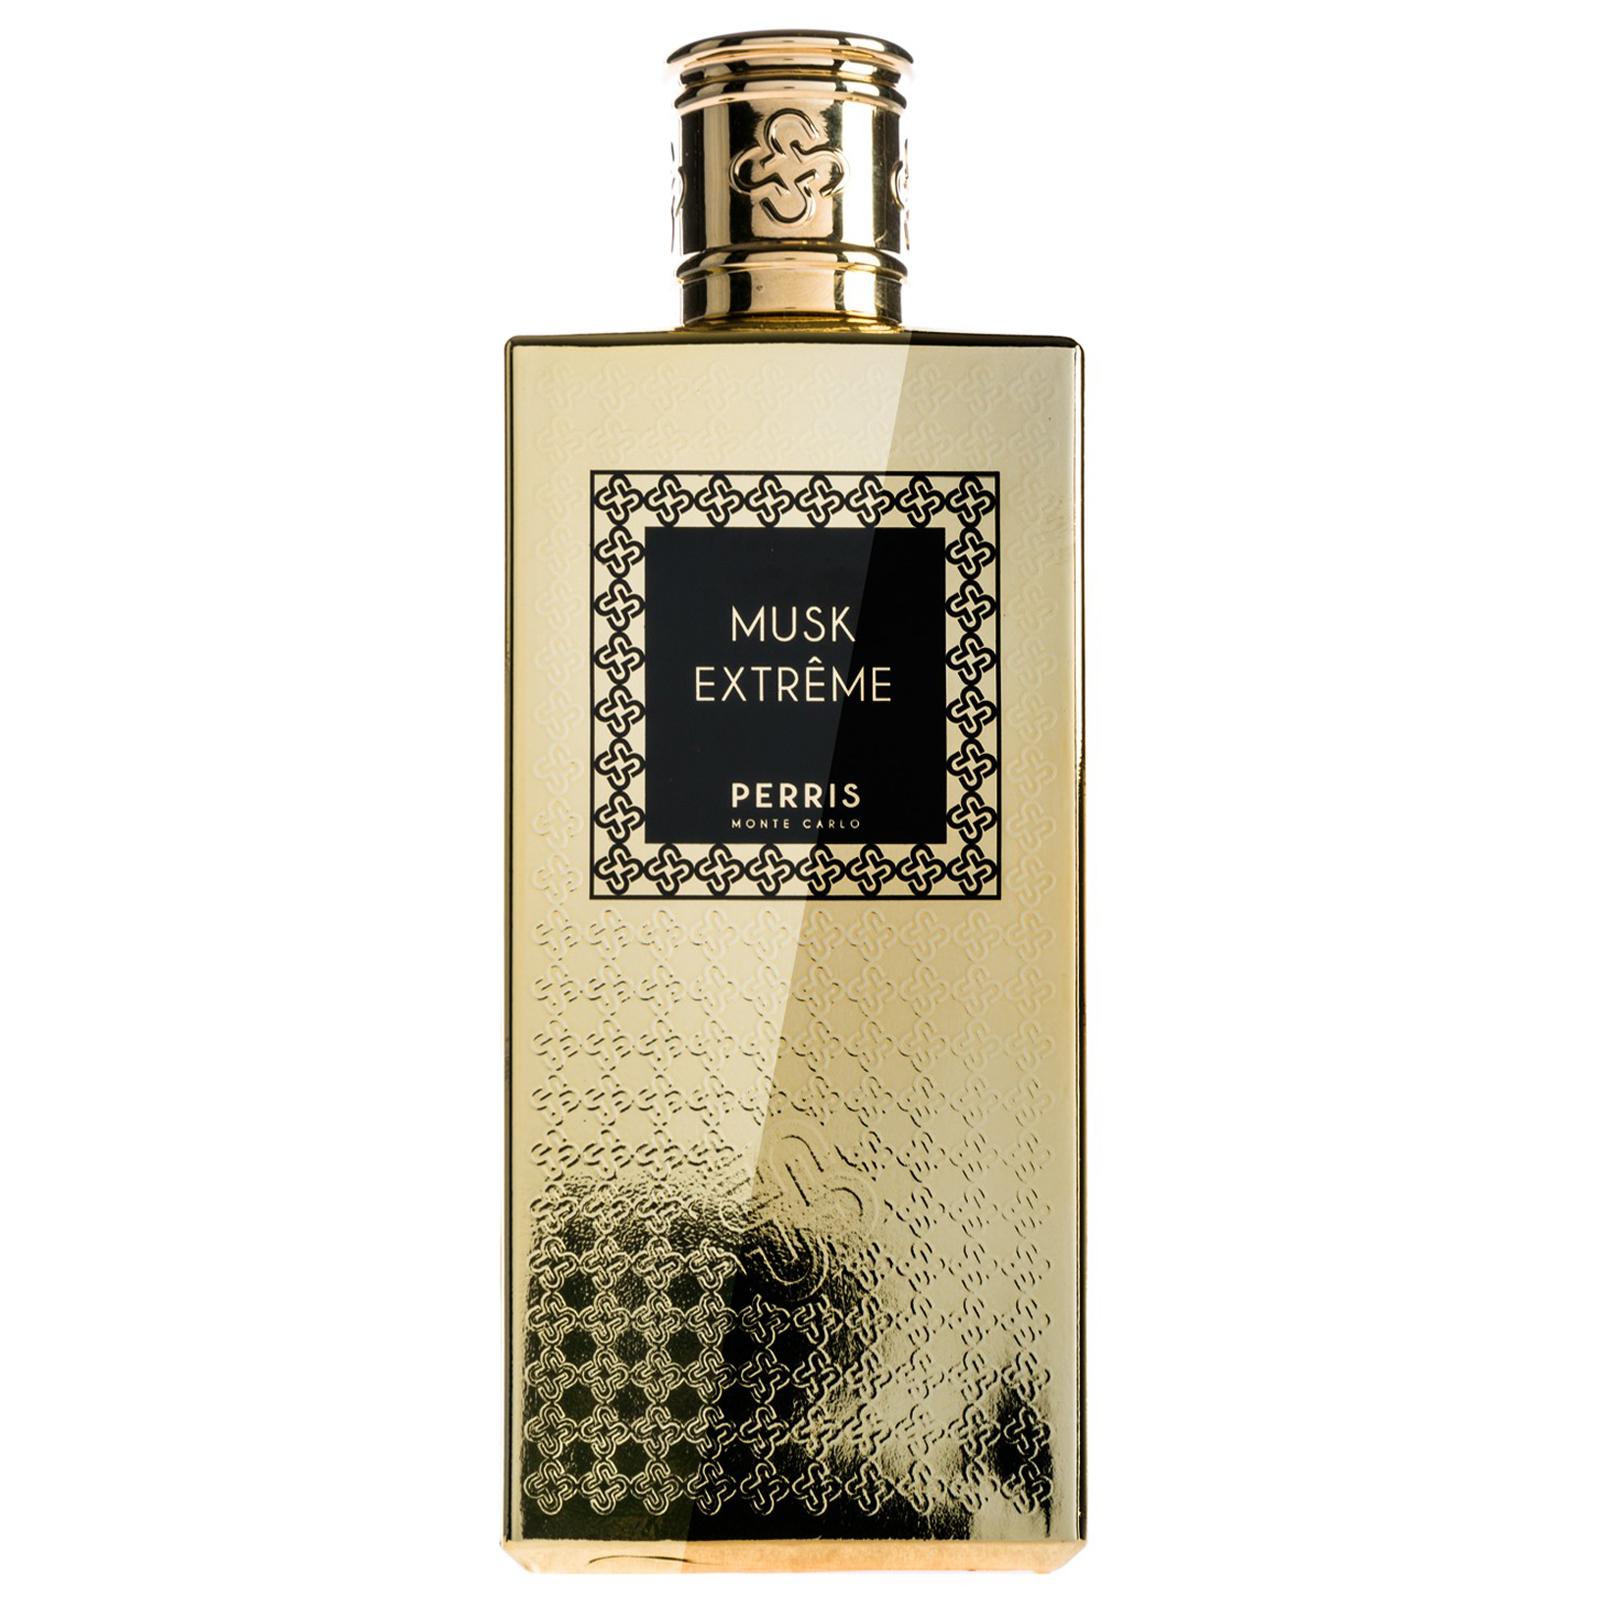 Musk extrême profumo eau de parfum 100 ml